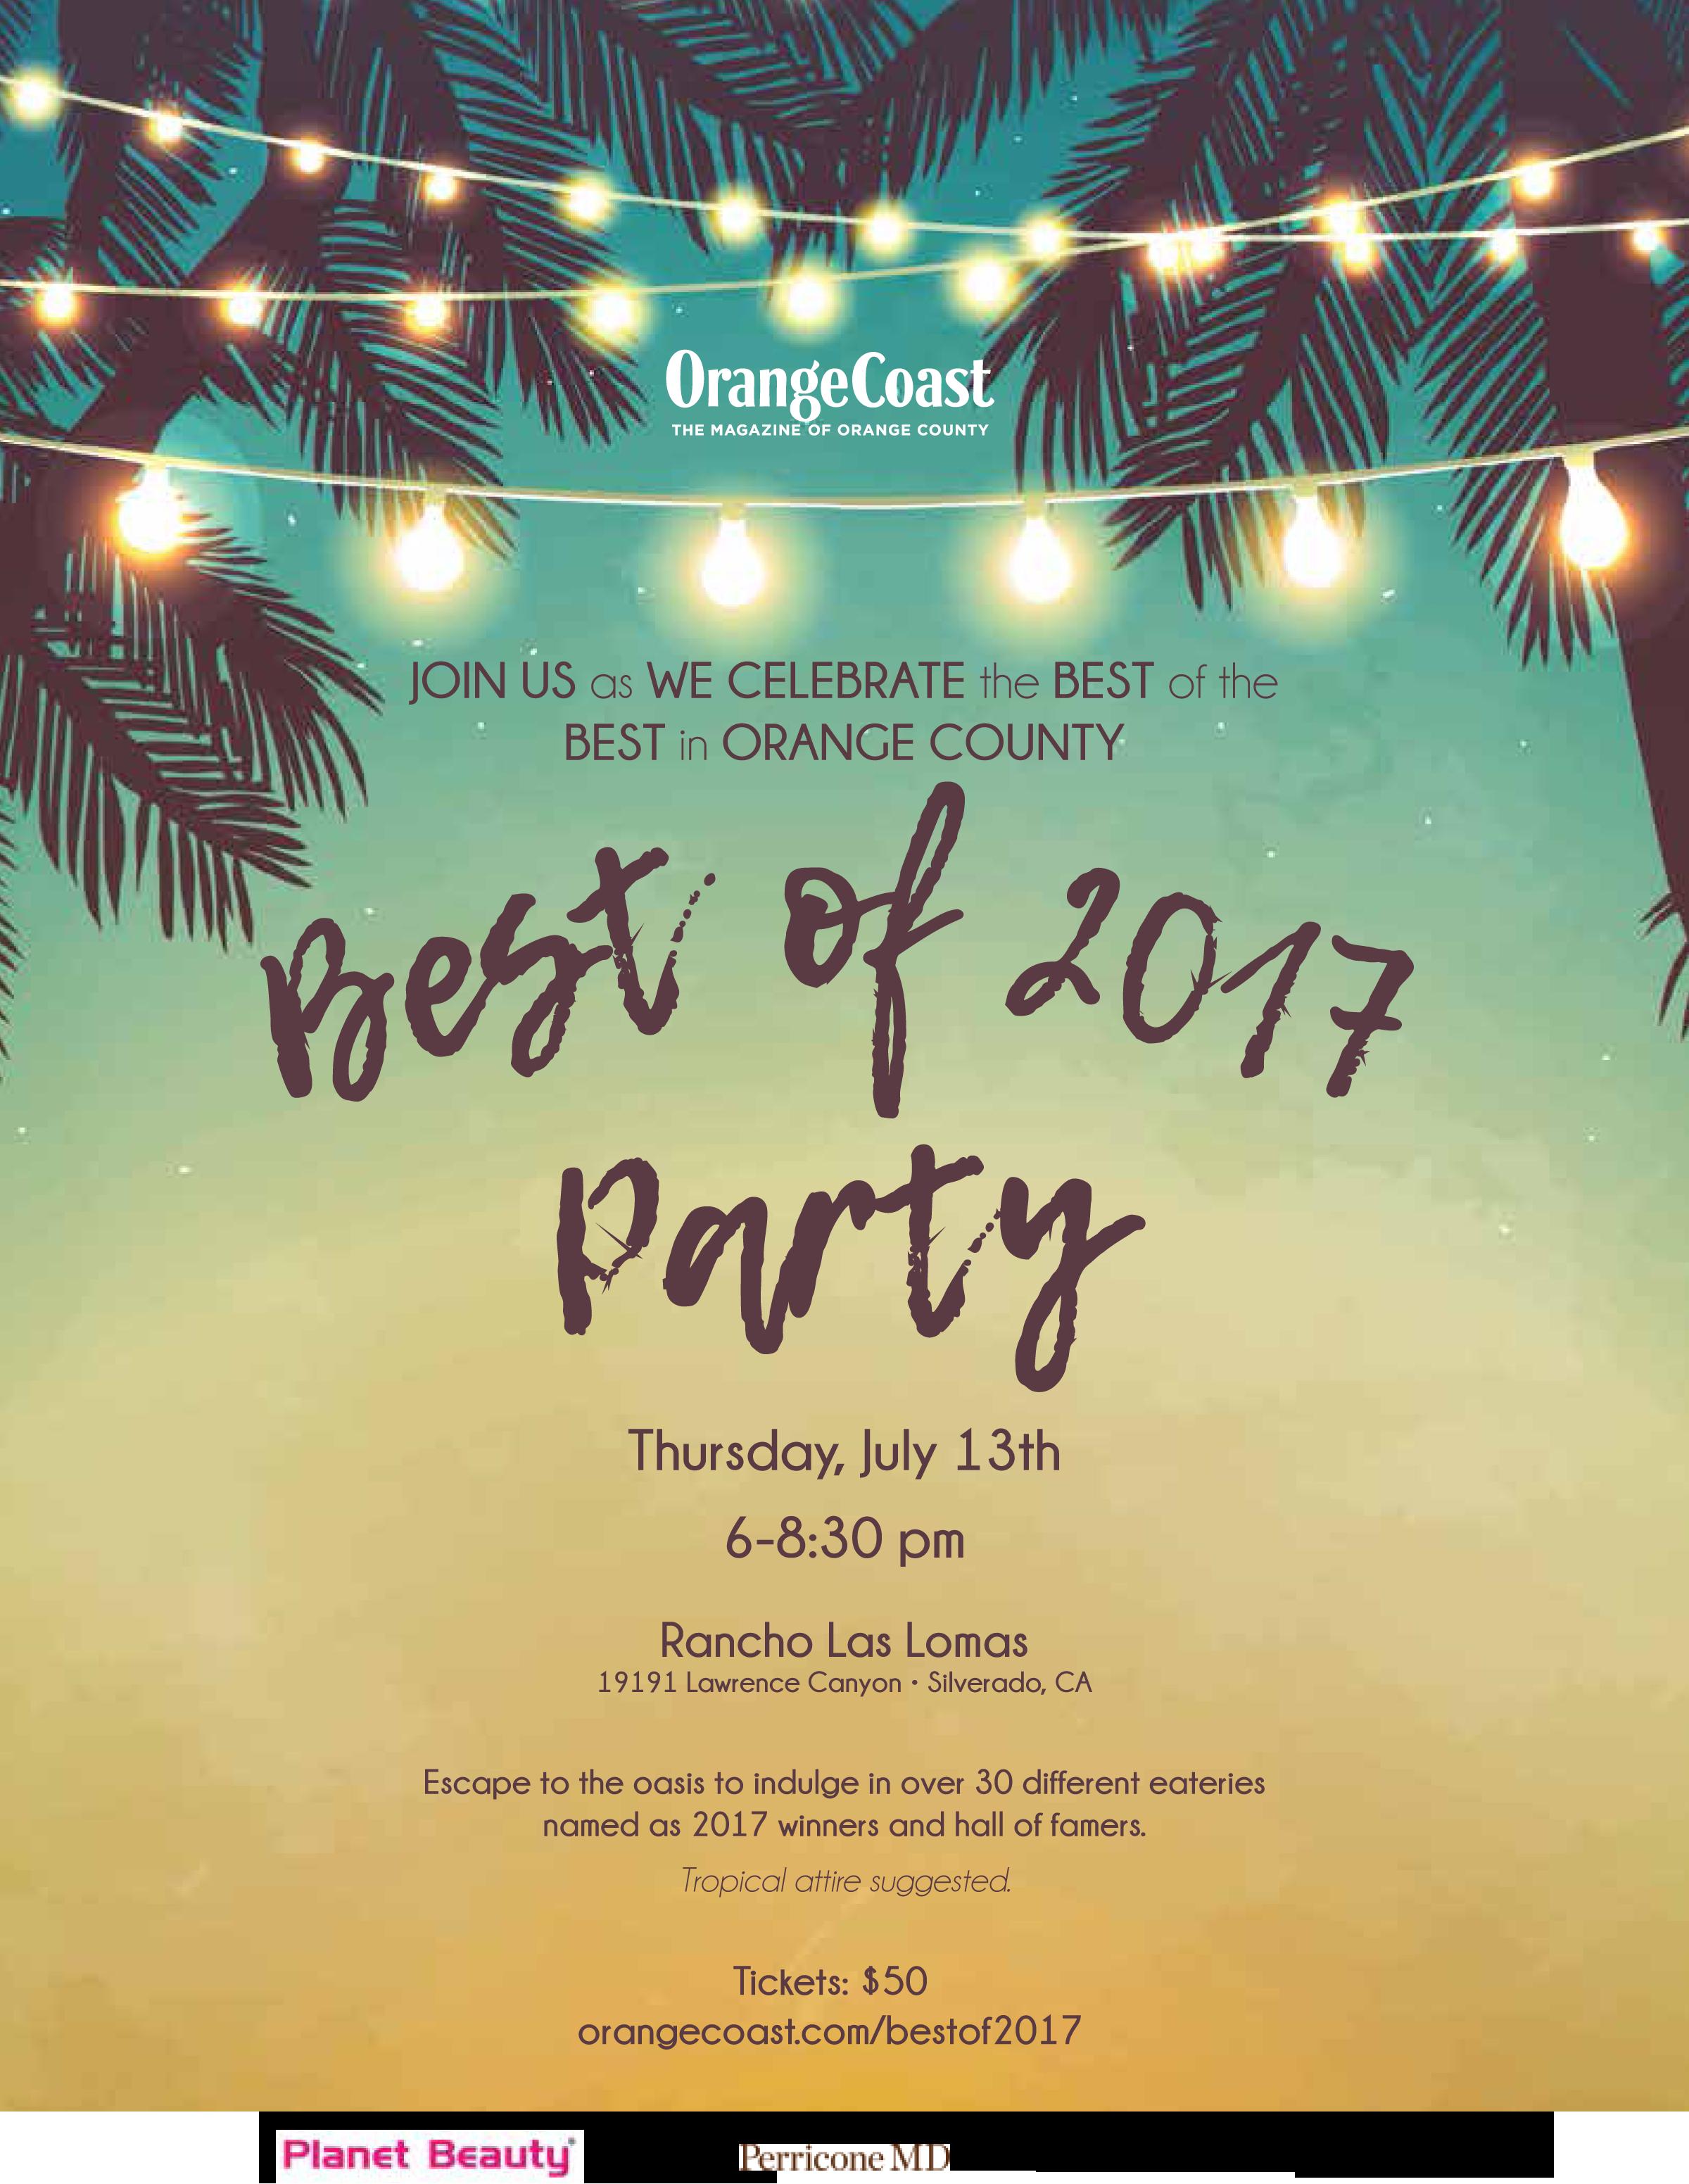 Orange coast best of 2017 party orange coast orange coast best of 2017 party kristyandbryce Images